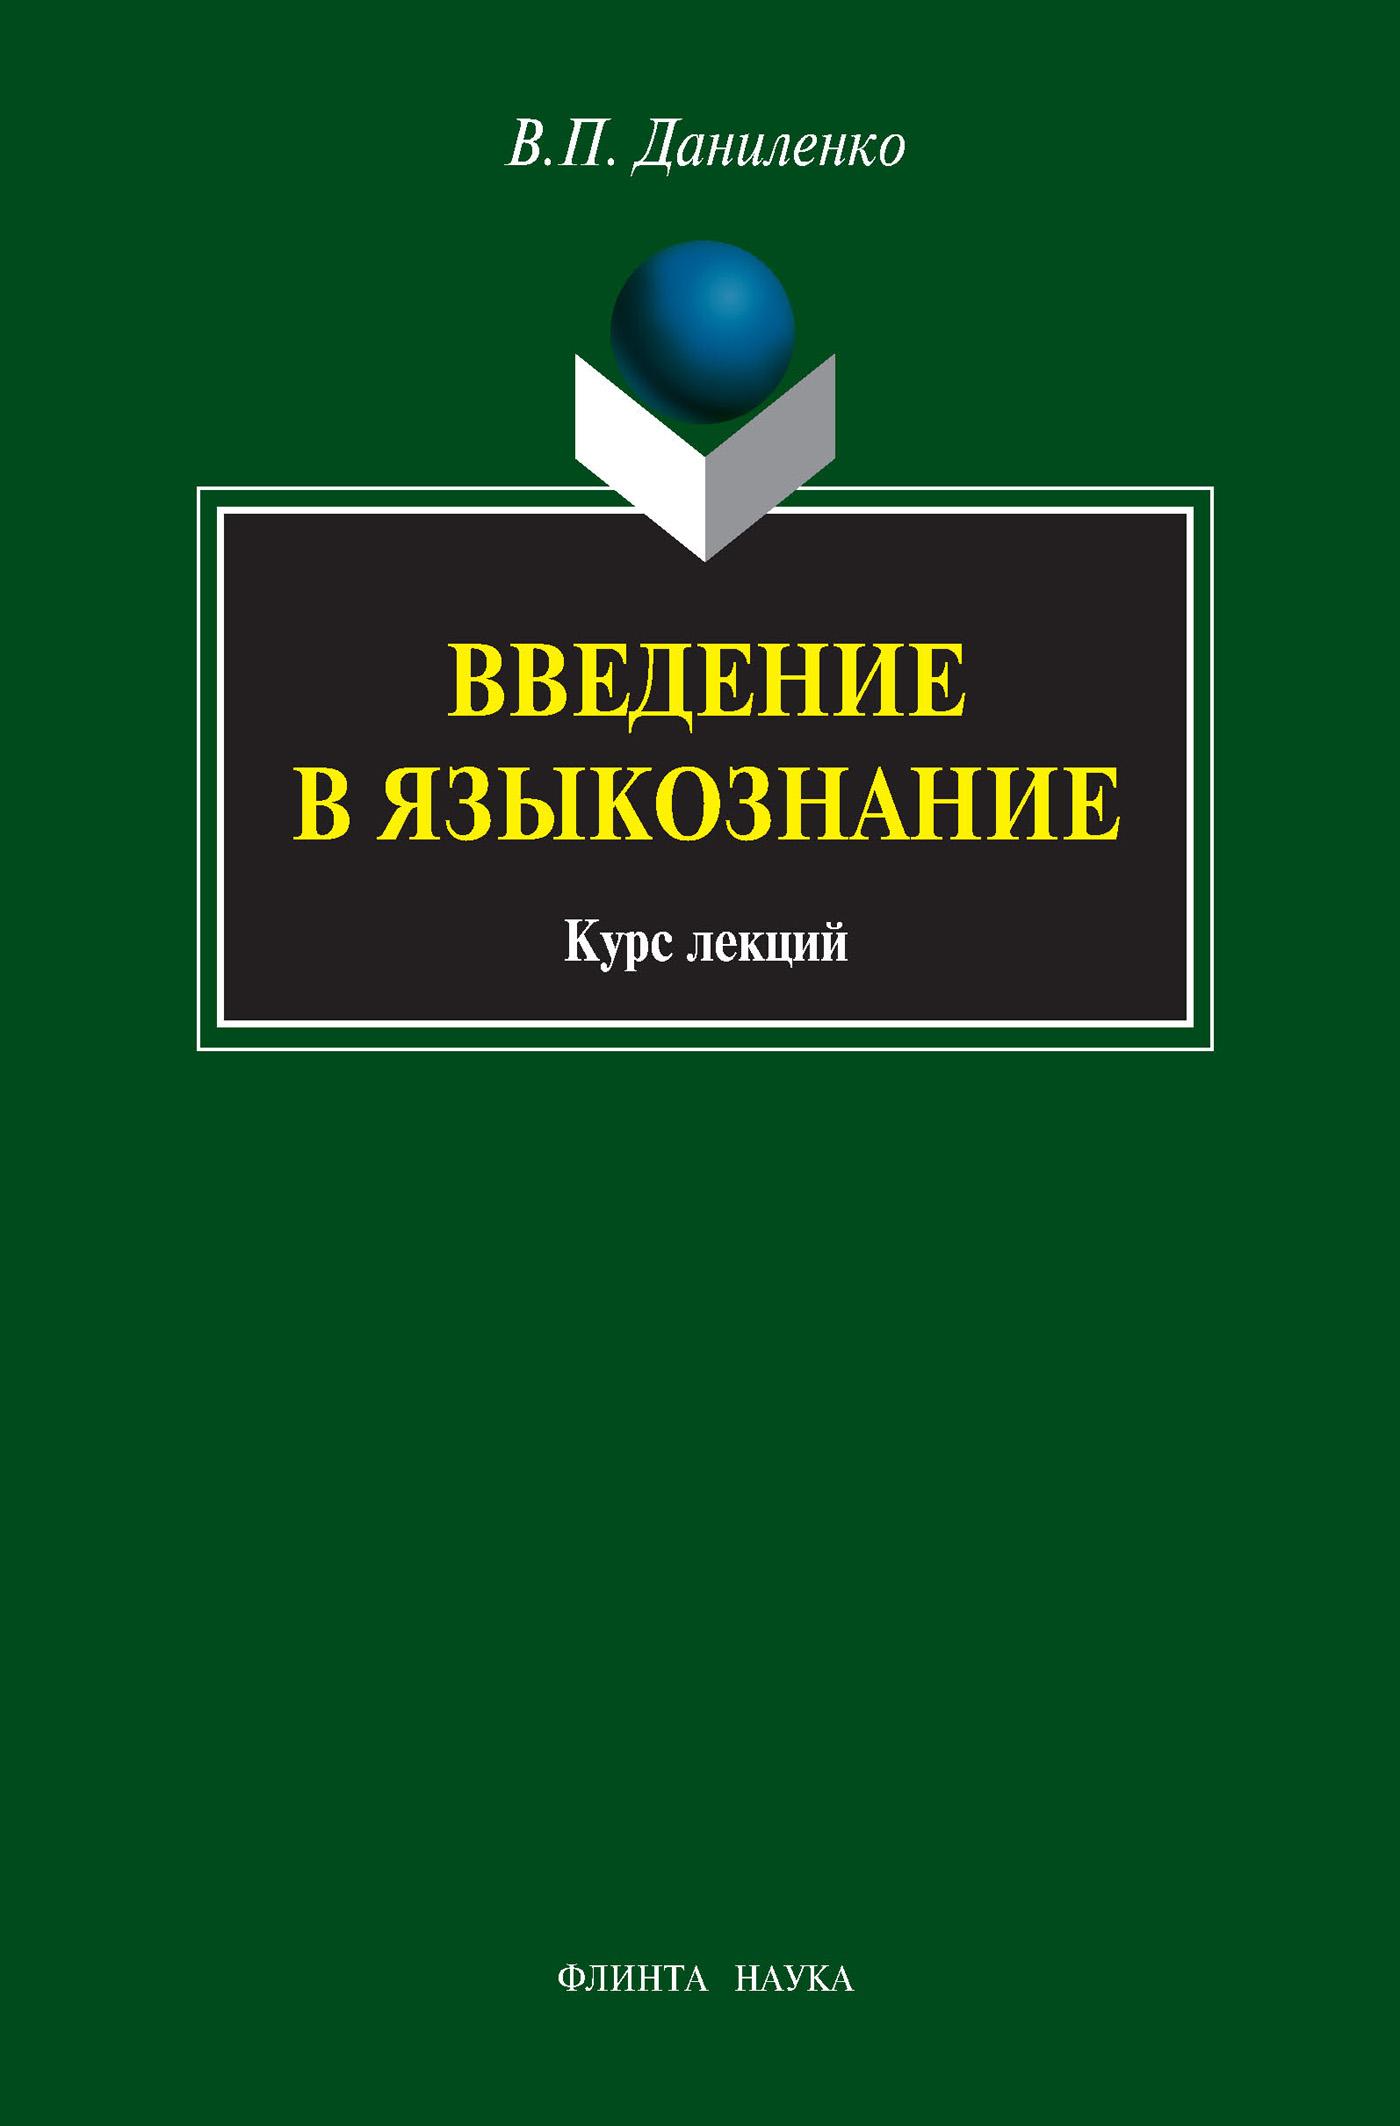 В. П. Даниленко Введение в языкознание. Курс лекций даниленко в методы лингвистического анализа курс лекций